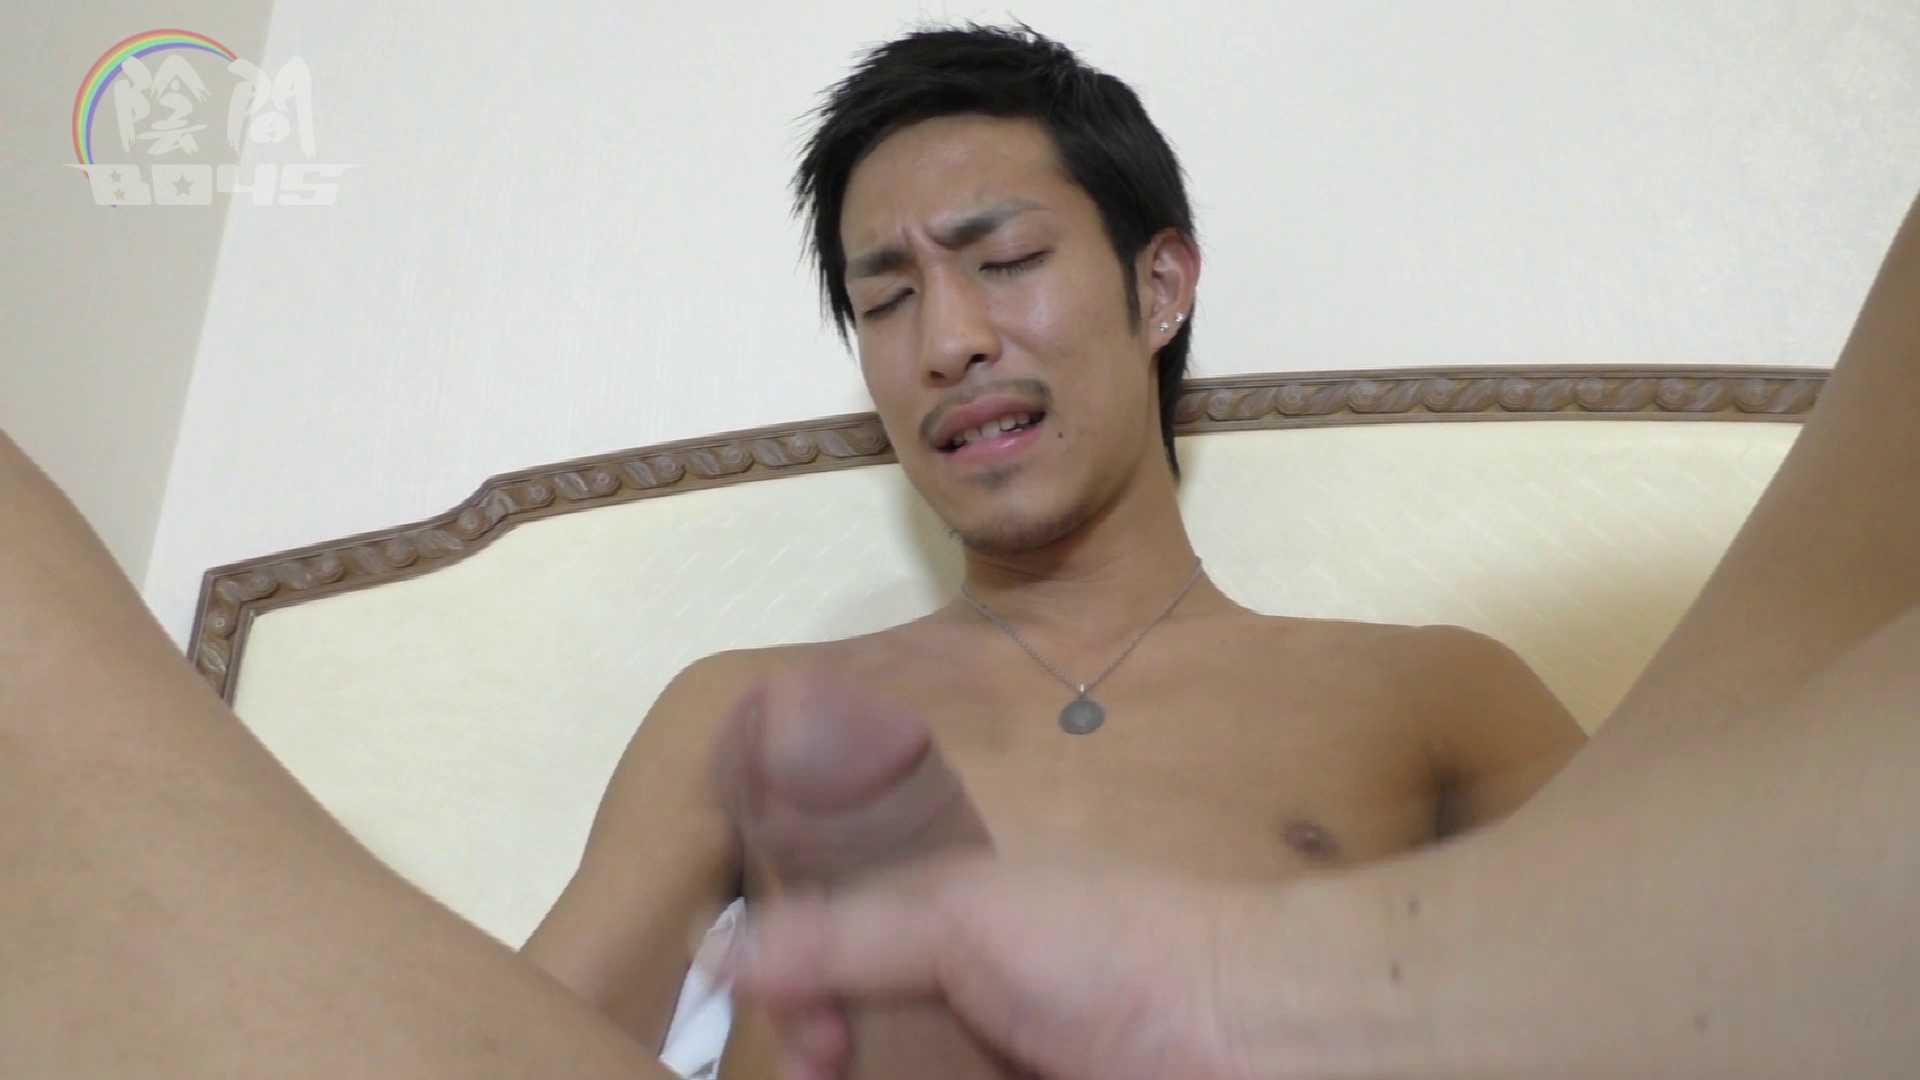 陰間BOYS~「アナルだけは許して…2」~04 アナル攻め ゲイエロビデオ画像 6枚 3